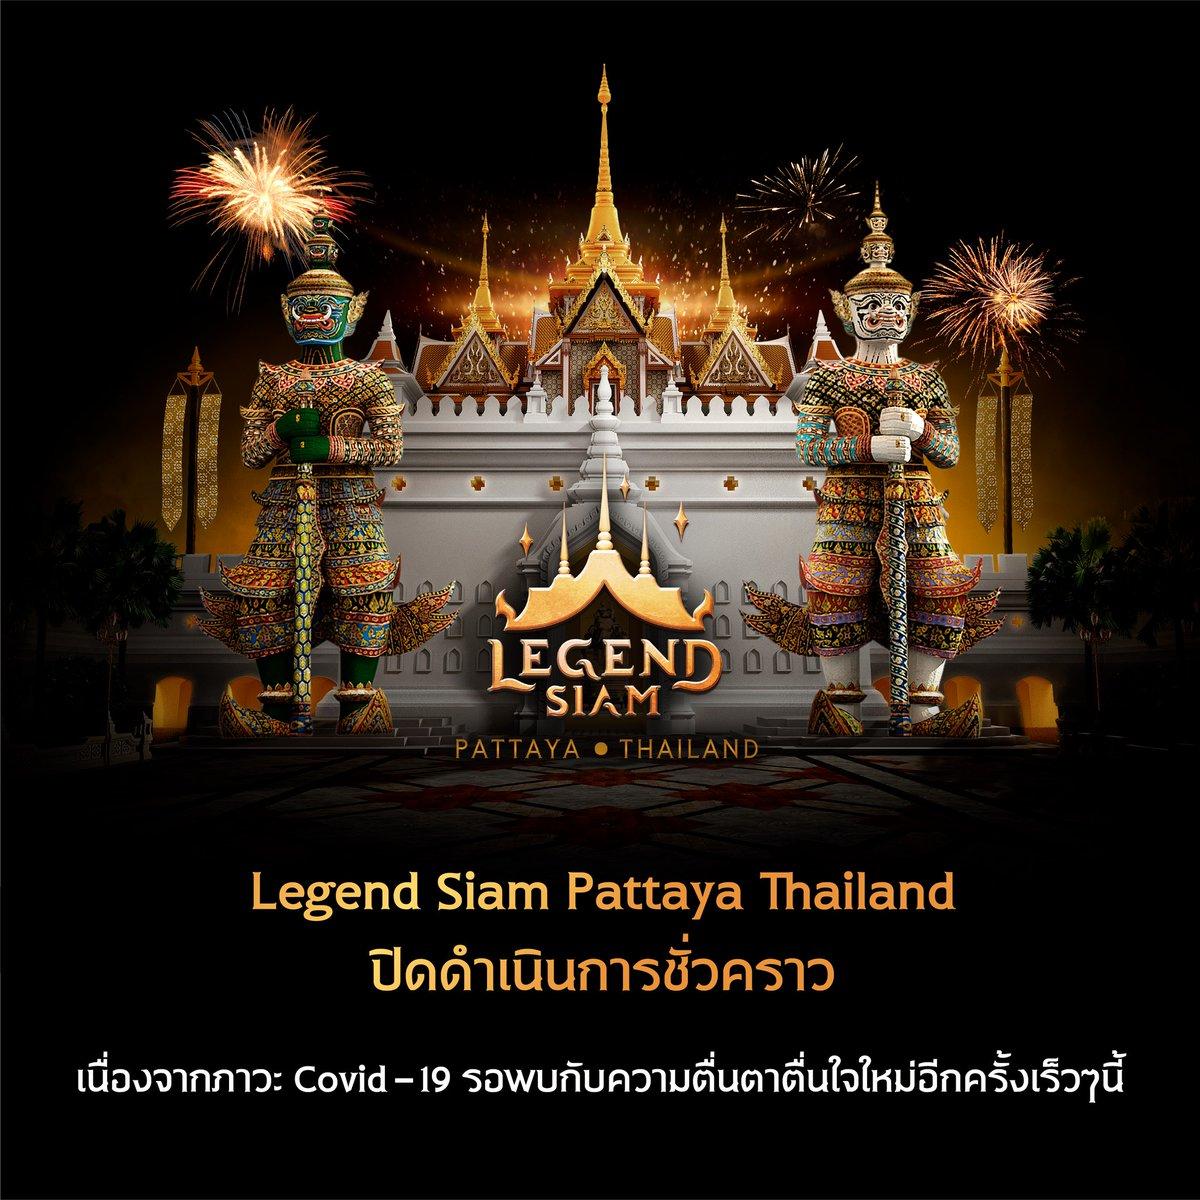 ขออนุญาติชี้แจงการปิดปรับปรุงชั่วคราวของ เลเจนด์ สยาม พัทยา อย่างเป็นทางการขอรับ....  #legendsiampattaya #เลเจนด์สยาม #pattaya #travelthailand #funpark #thaithemeparkpic.twitter.com/0LmblW95qT